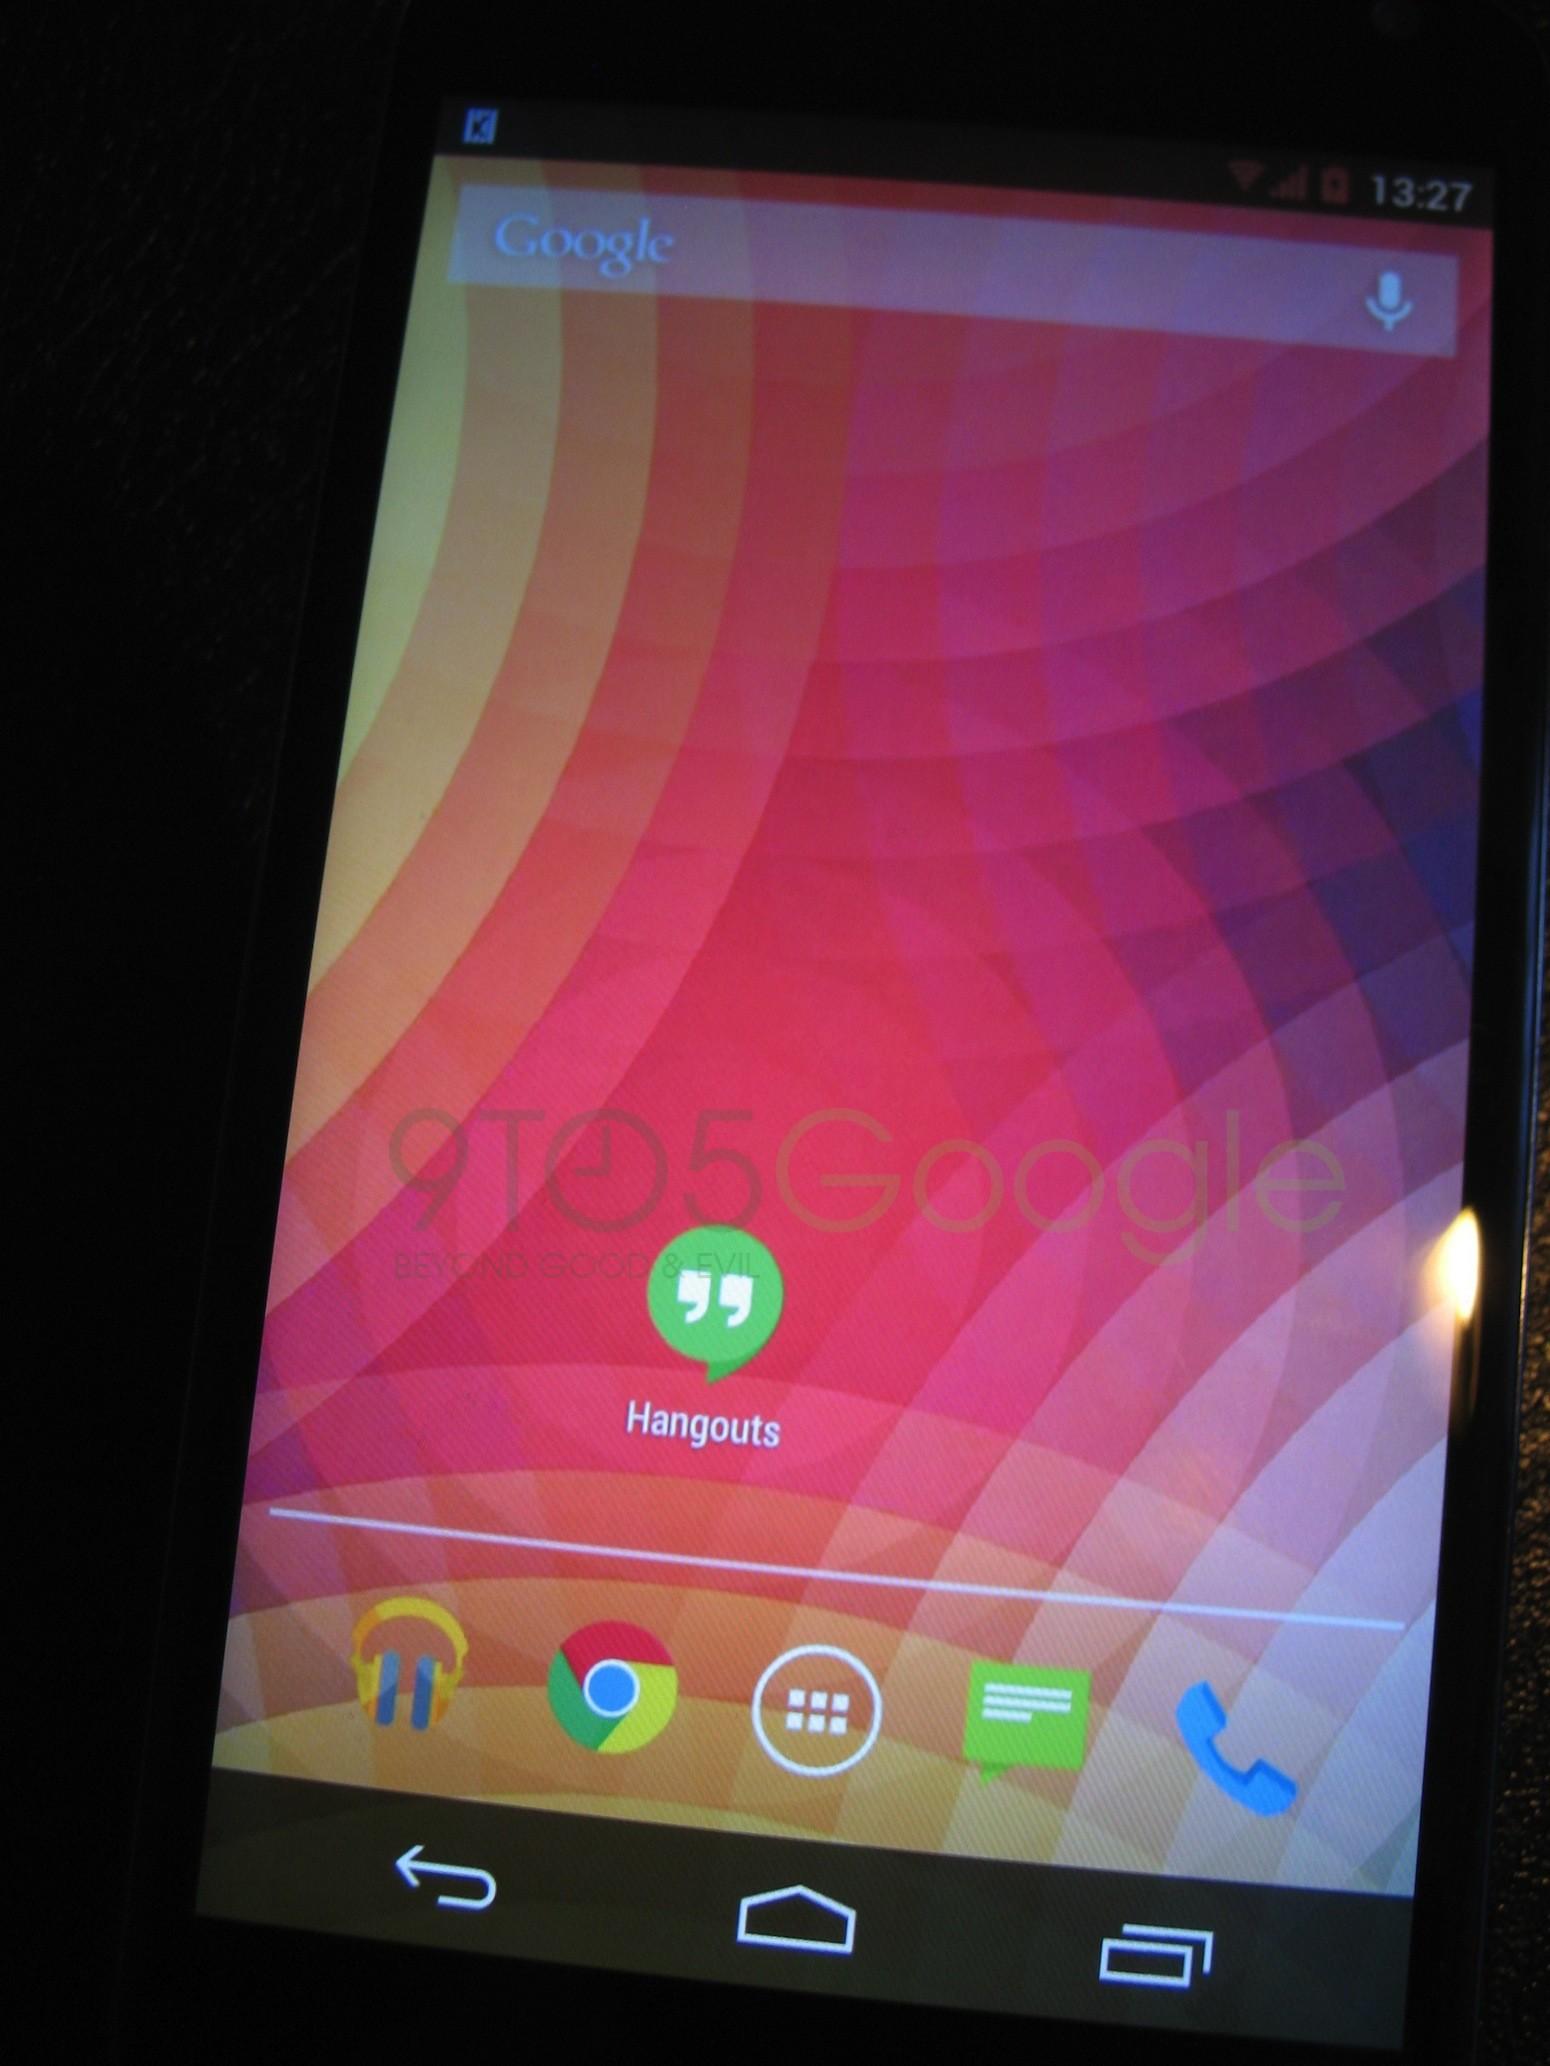 للنظام الجديد اندرويد Android KitKat 58.jpg